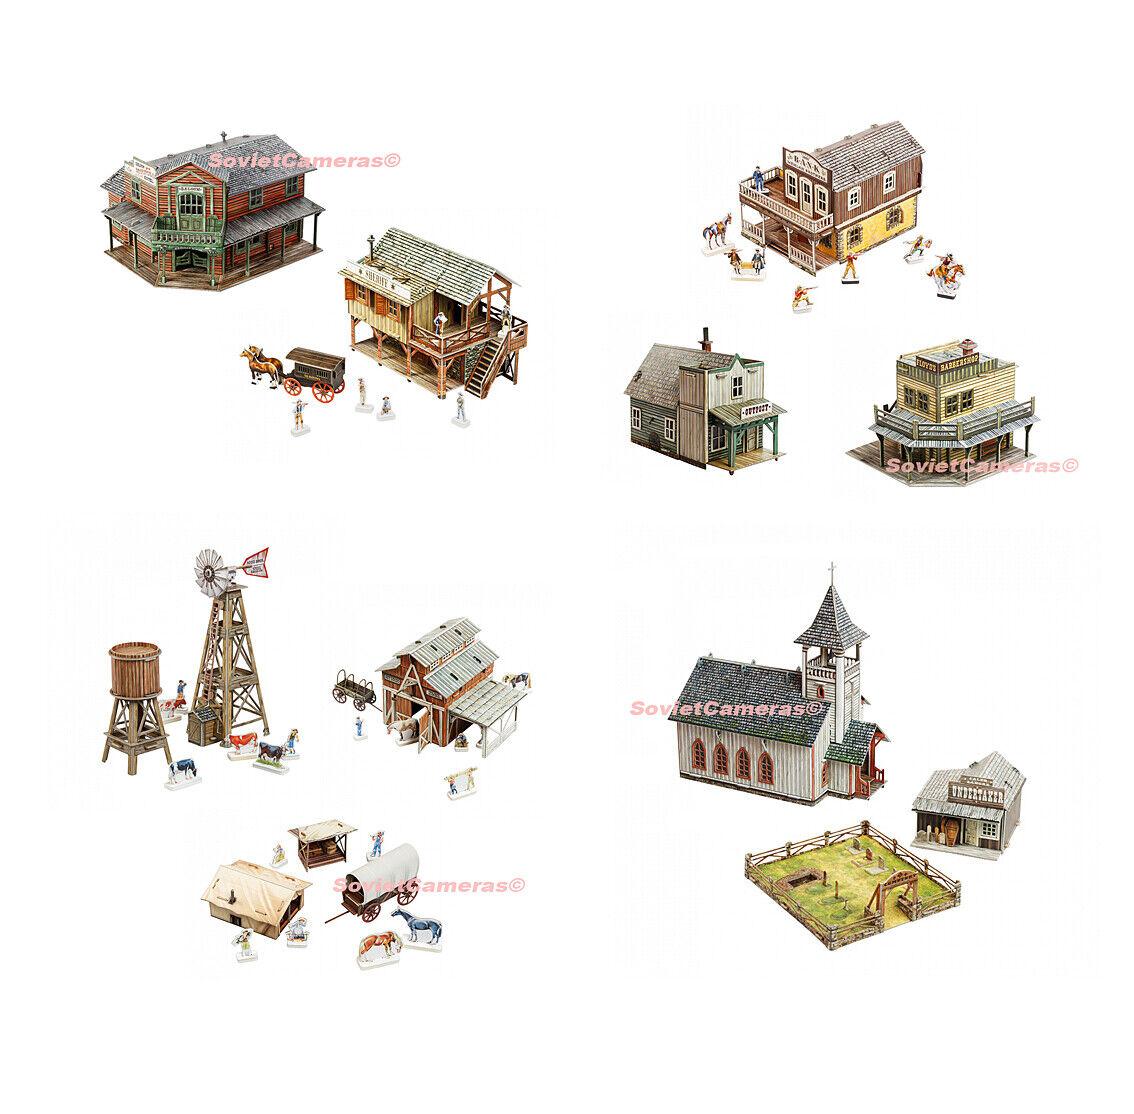 SPECIAL SET Terrain Scenery WILD WEST TEN Buildings Cardboard Model Kits New